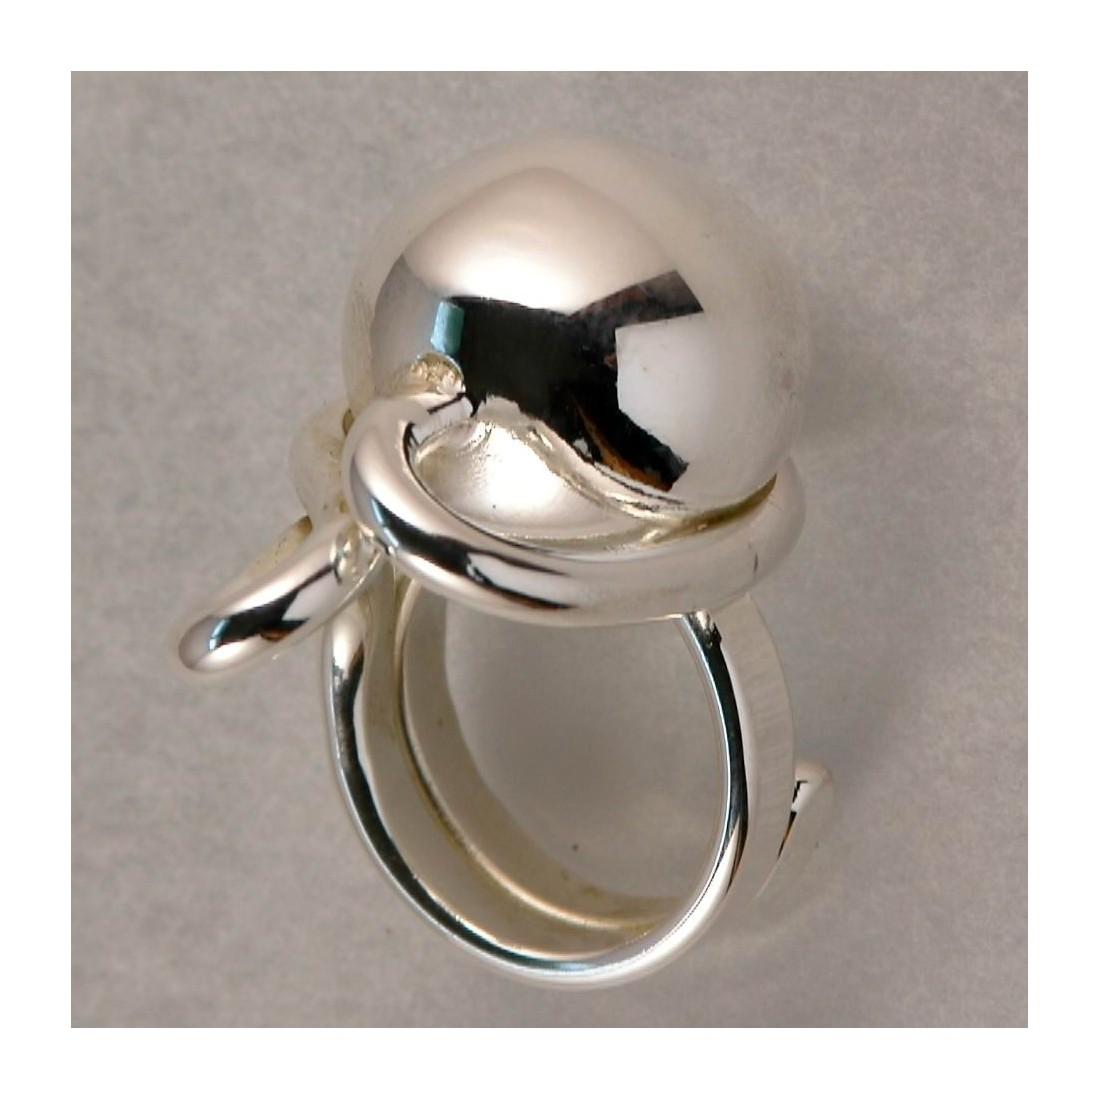 Bague artisanale, bijou sophistiqué made in France